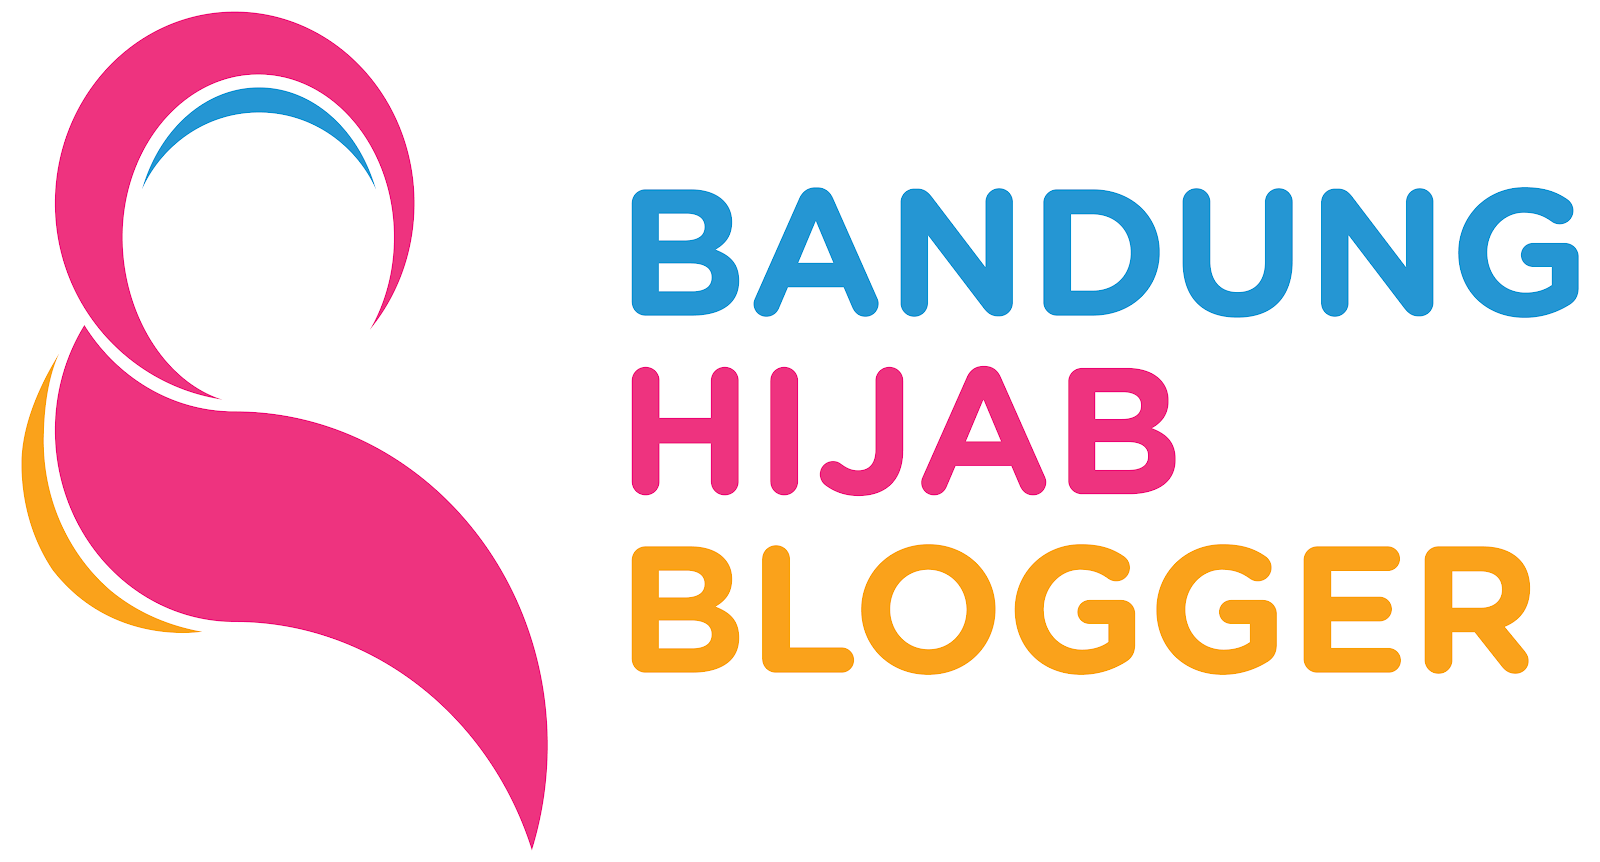 Bandung Hijab Blogger